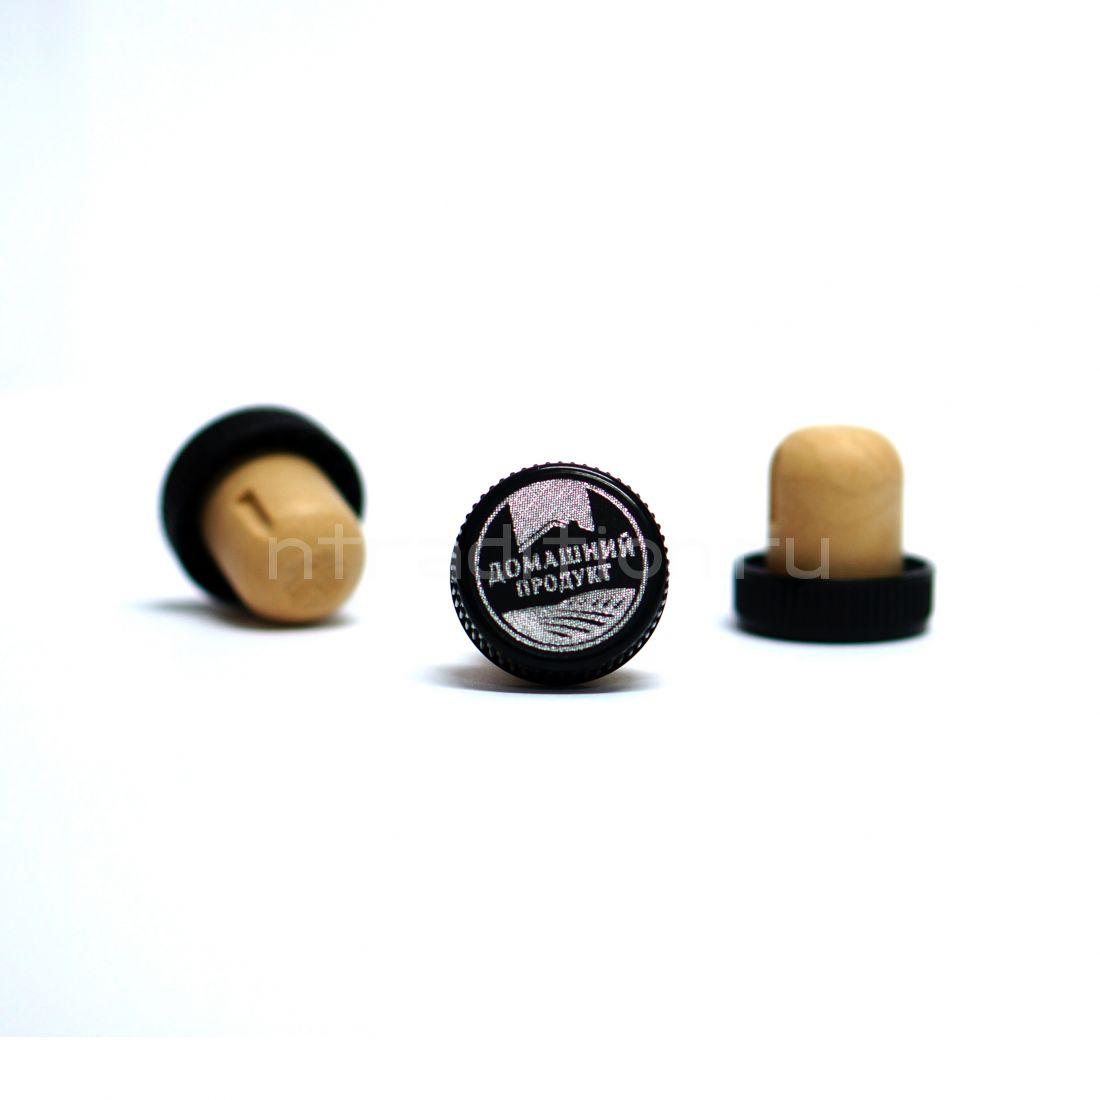 T-образная коньячная пробка, 19,5 мм, Домашний продукт, 10 шт., черный